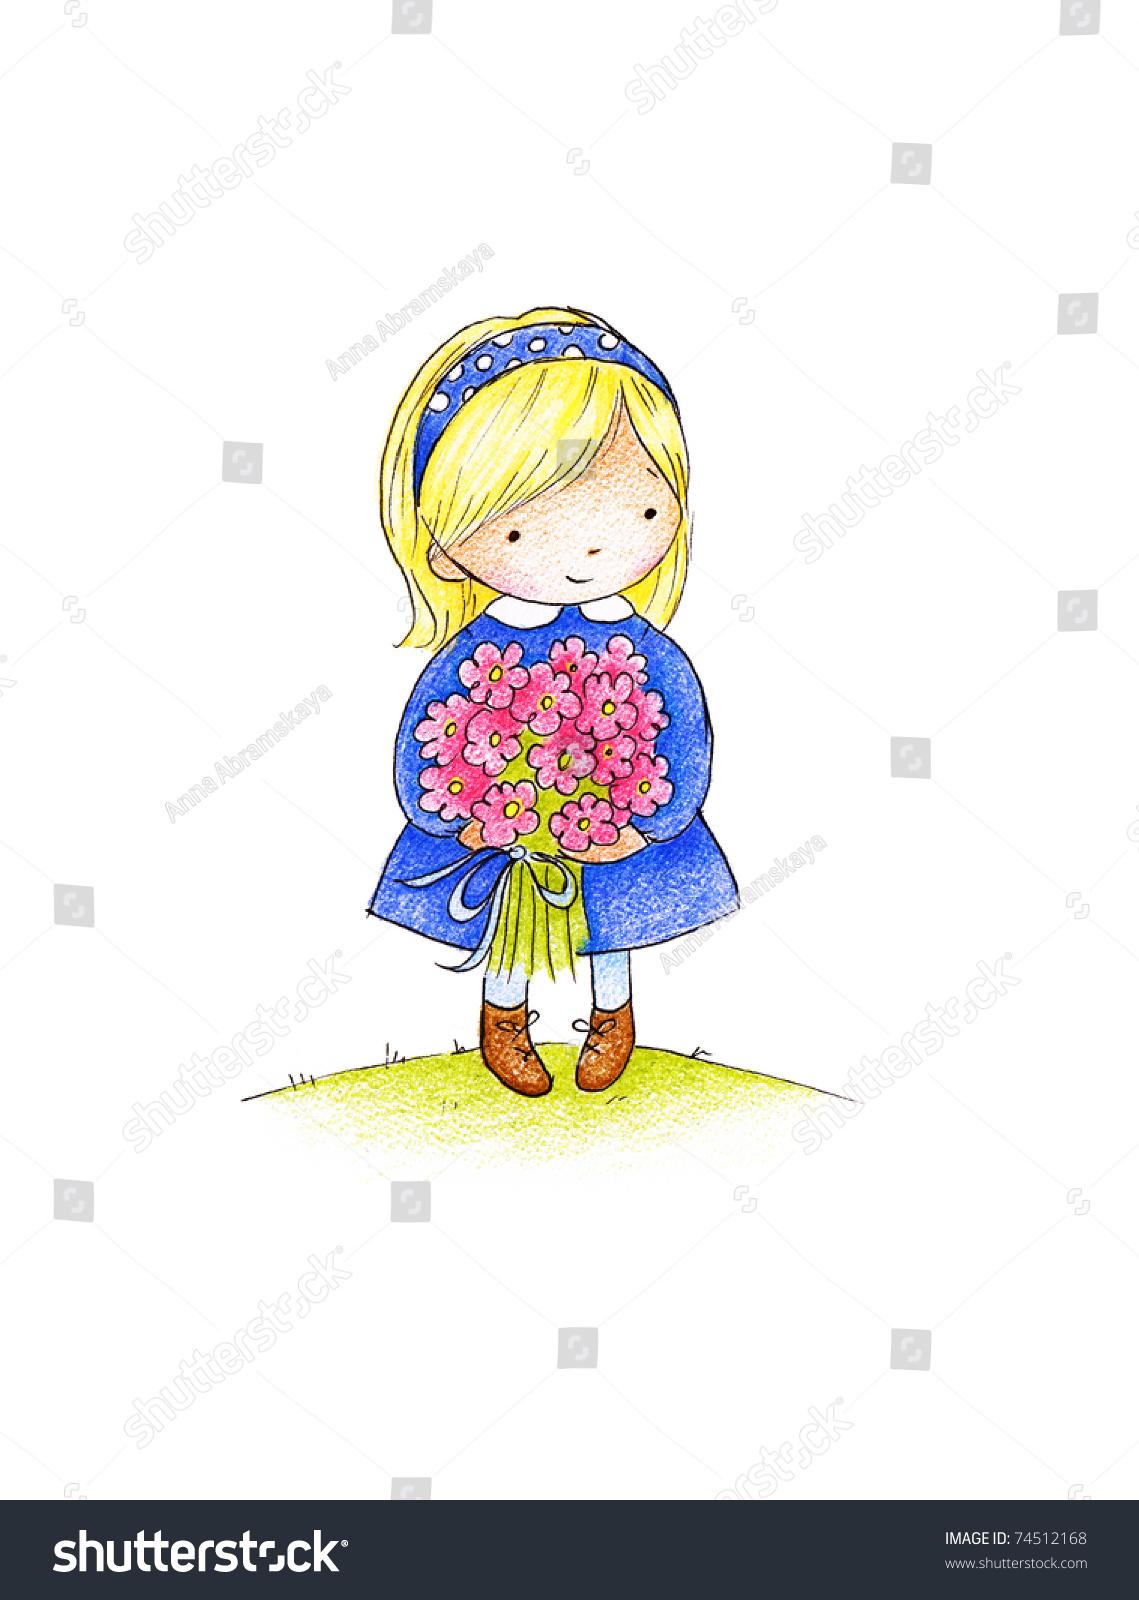 可爱的小女孩一束粉红色的花朵-背景/素材